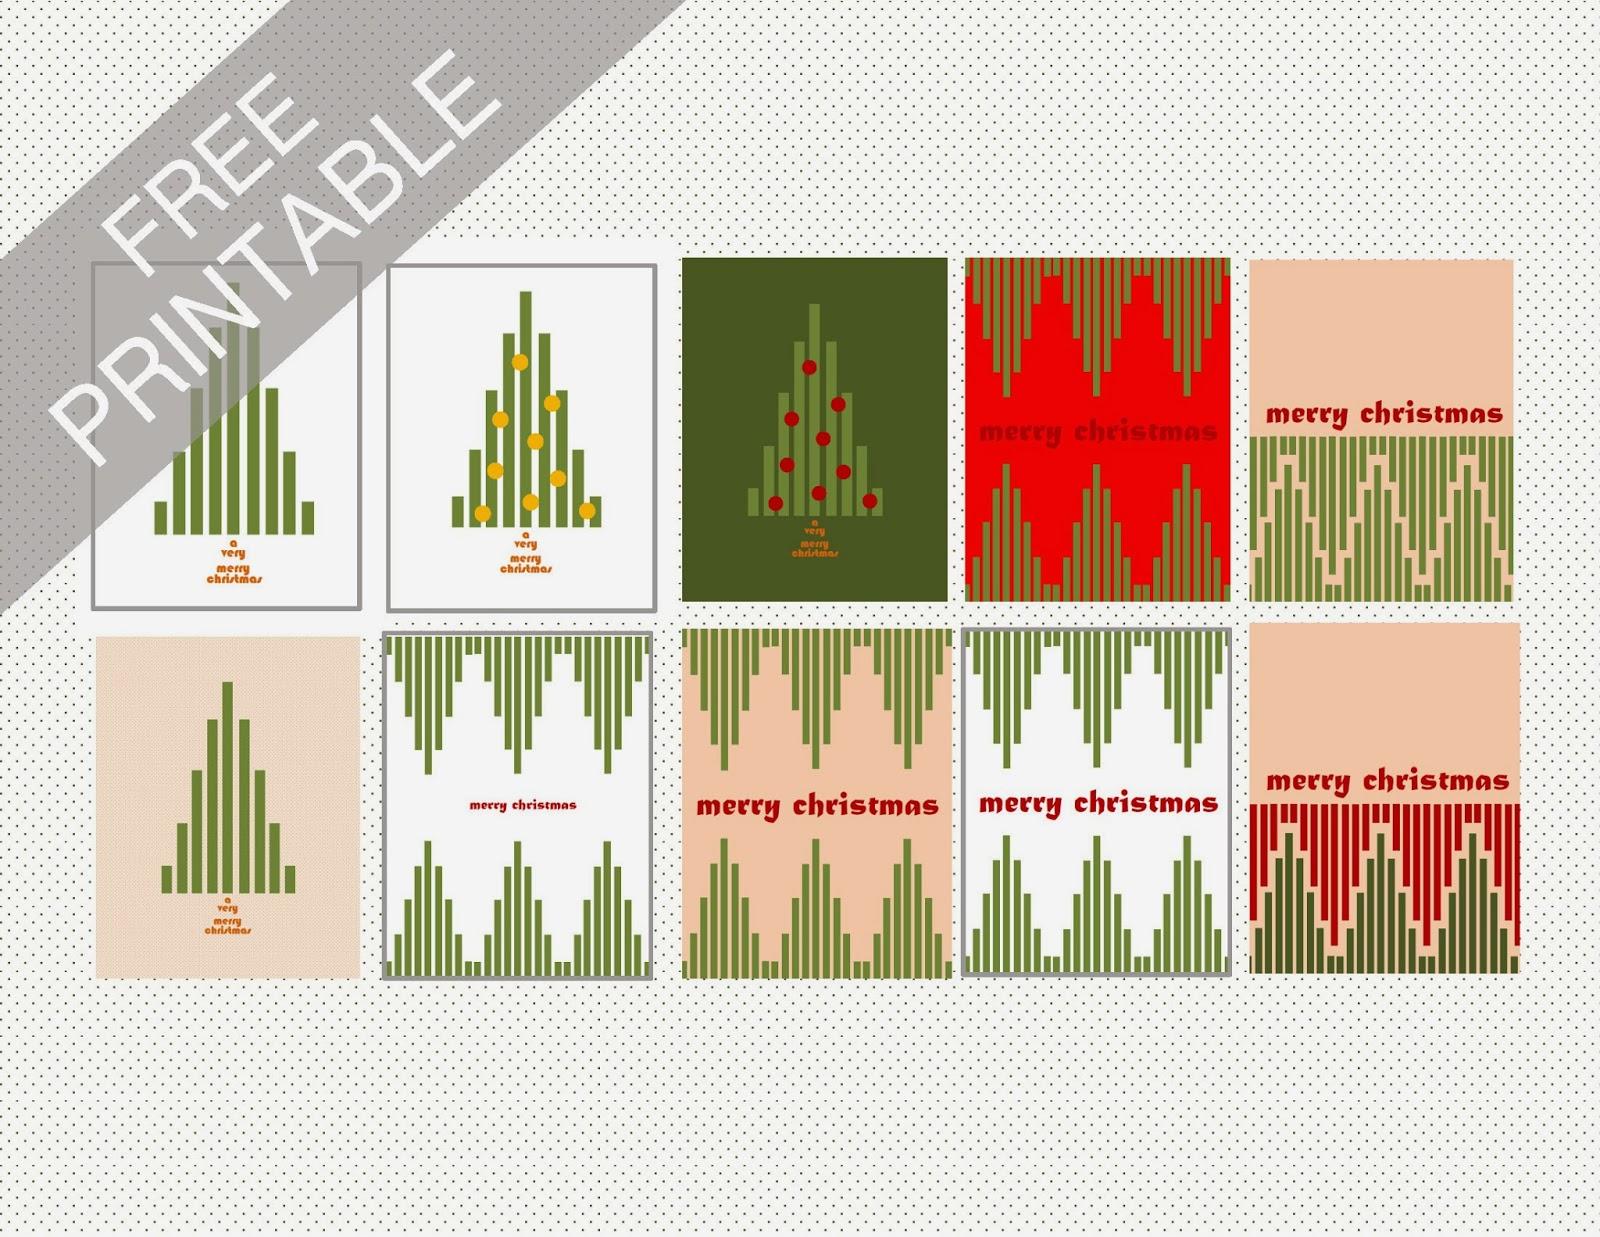 http://oilandblue.blogspot.com/2013/10/free-printable-mid-century-modern.html